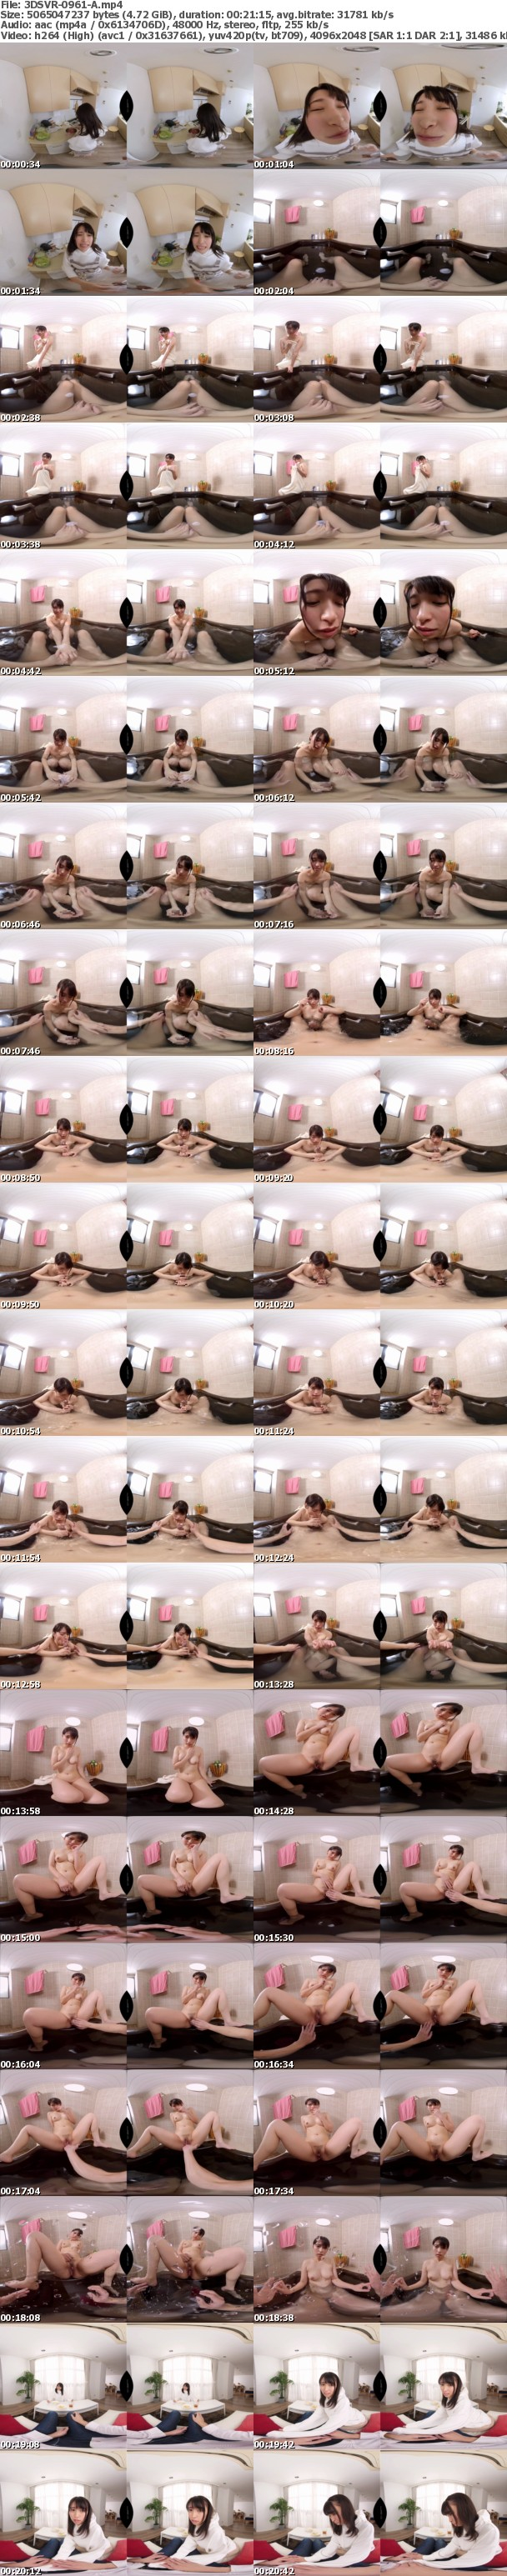 (VR) 3DSVR-0961 ダイレクト潮浴びVR 童貞の僕に初めてできた年上彼女の〈大好き潮〉を浴びまくる。 栗田みゆ